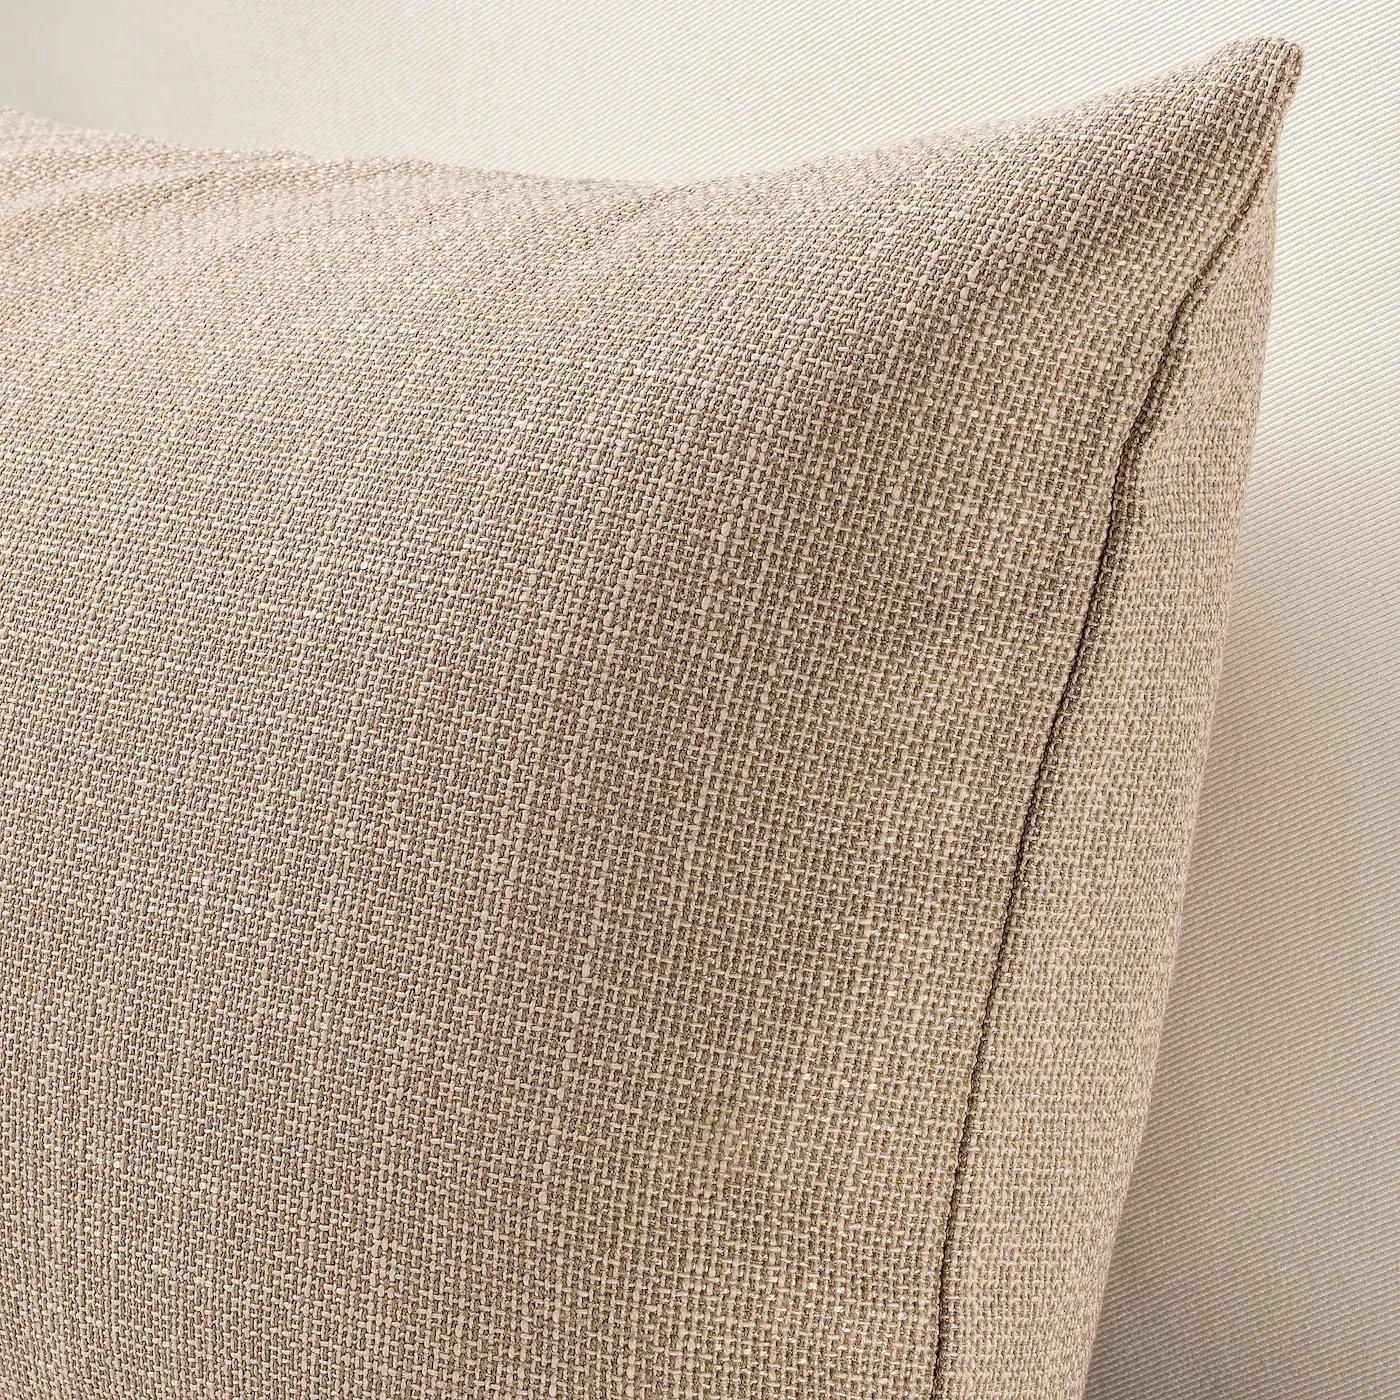 hillared housse de coussin beige 40x65 cm